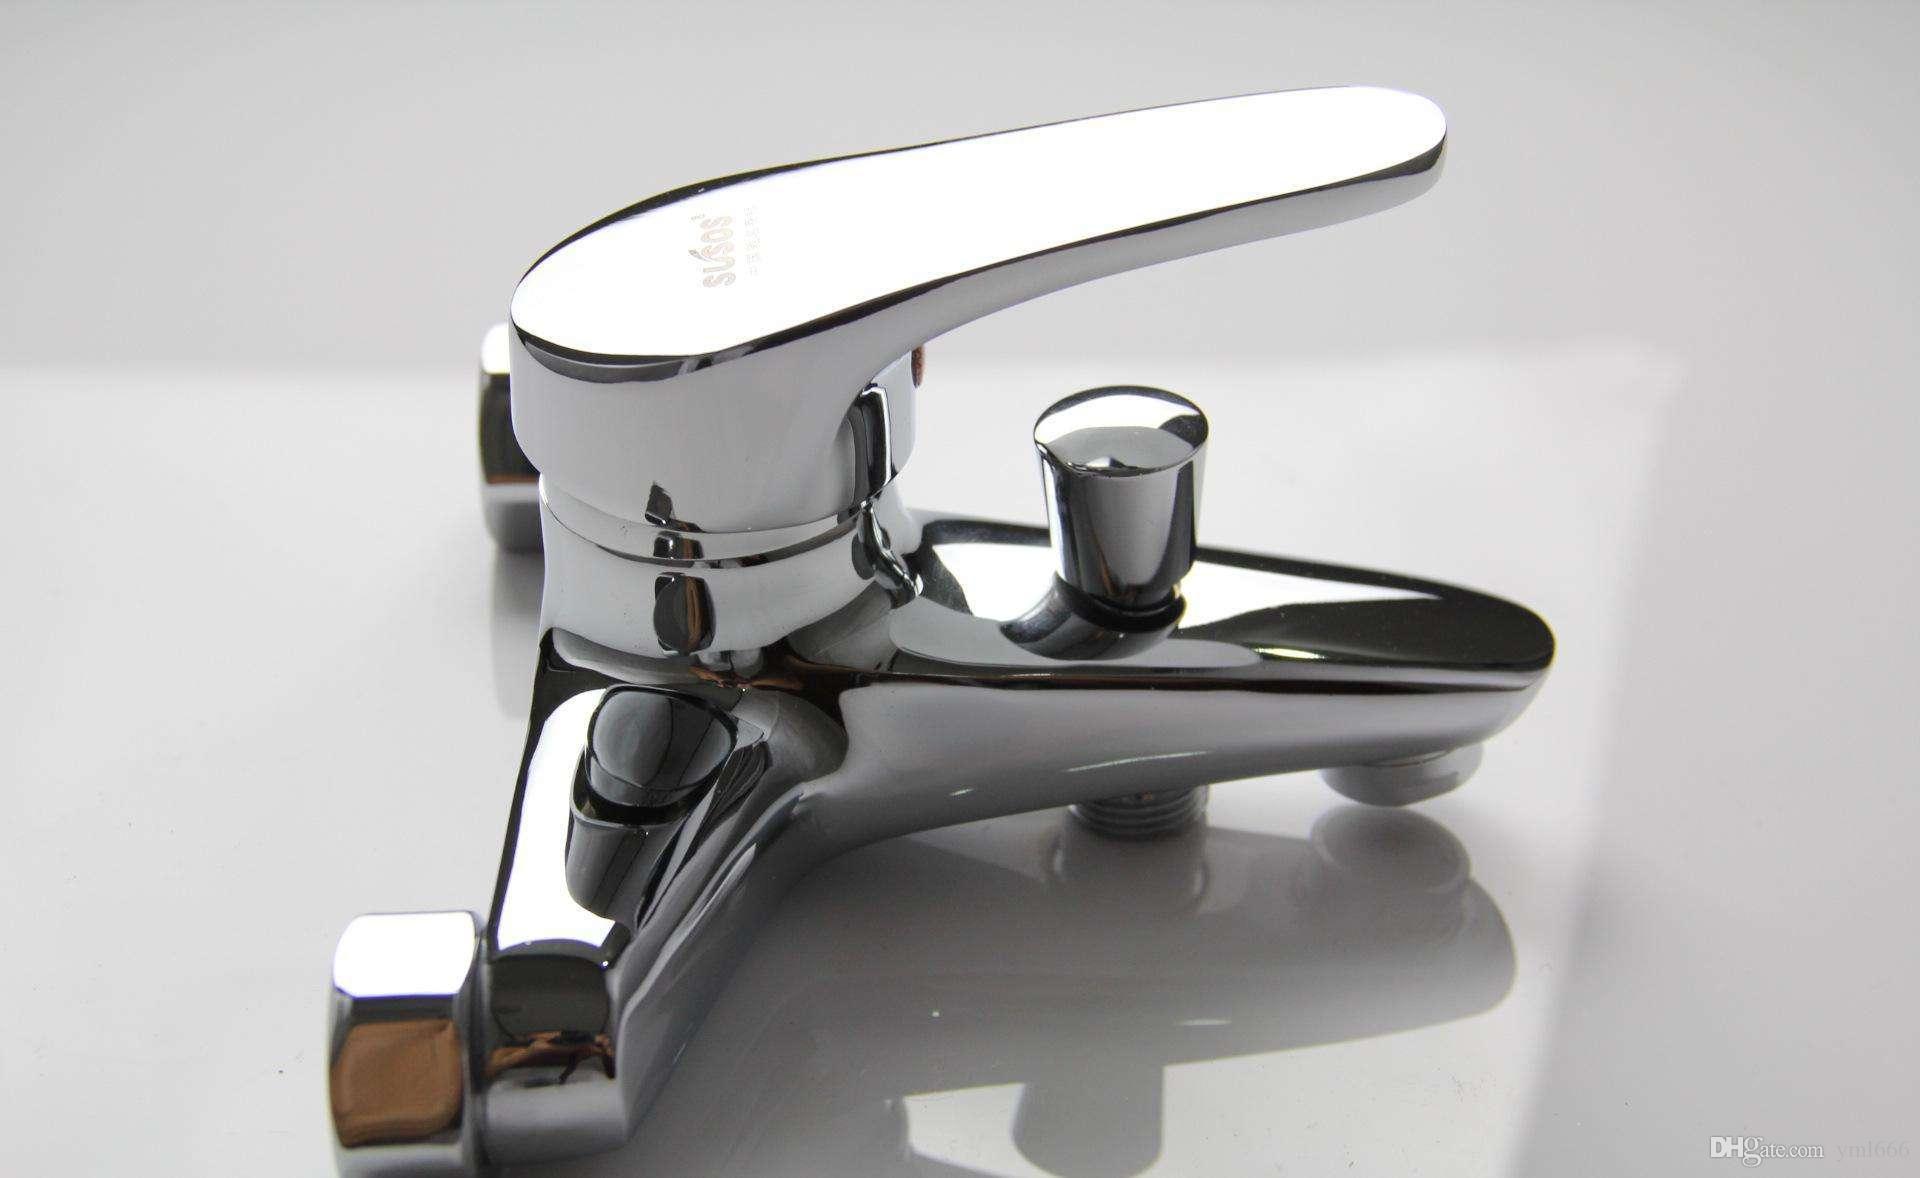 Rubinetto Vasca Da Bagno : Acquista mg mejue z rame tre rubinetto vasca da bagno doccia